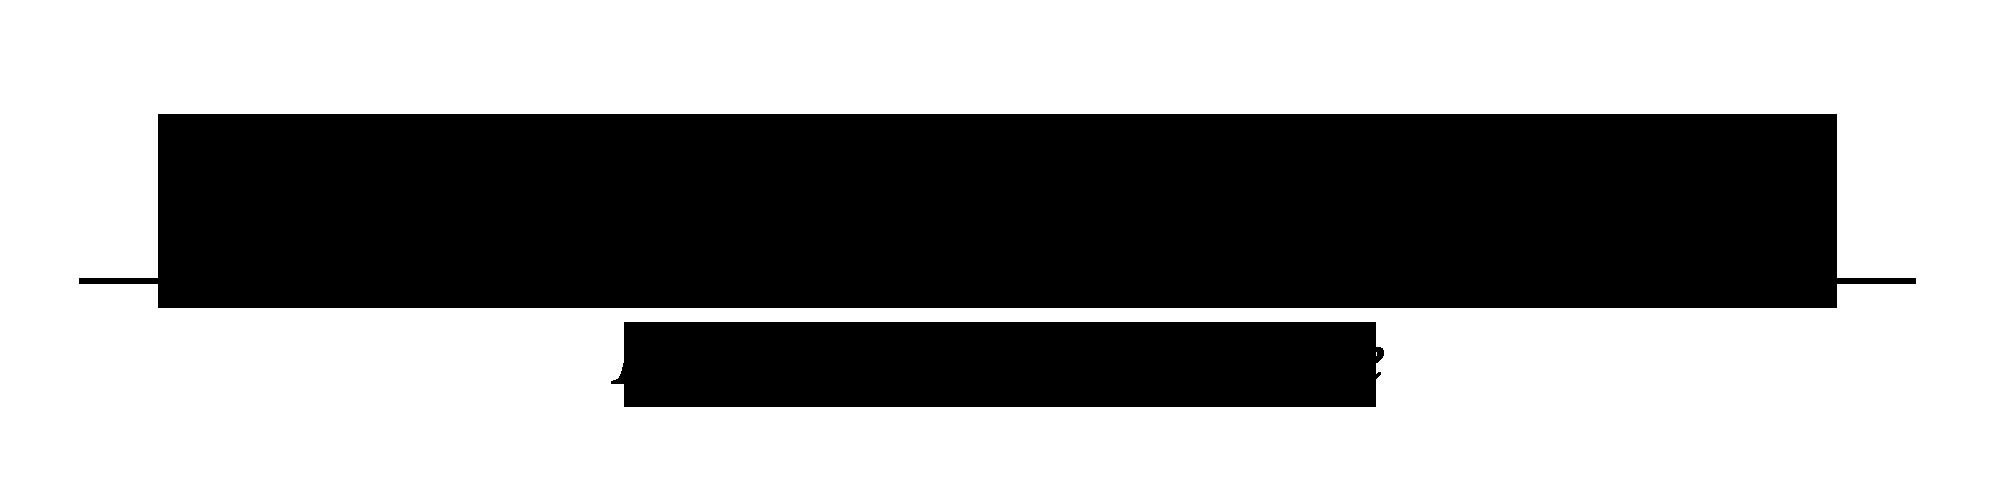 logo-lorenza-spolaore-viaggi-culturali